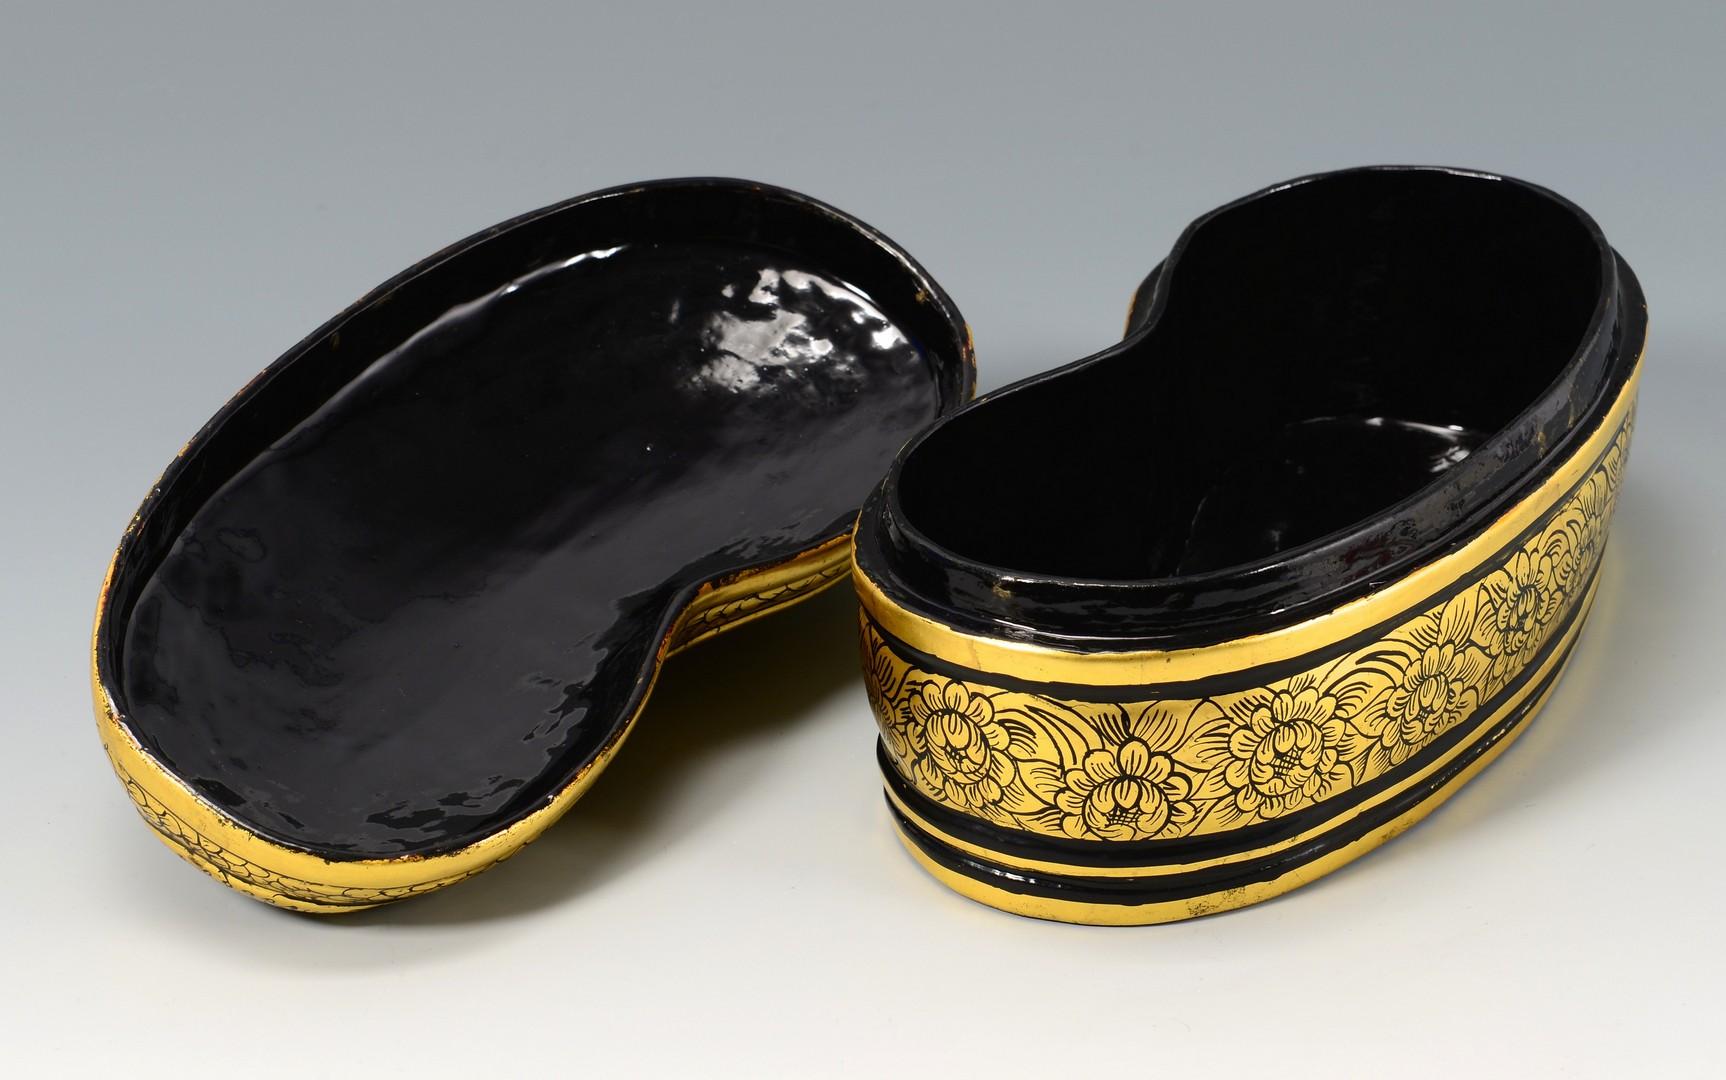 Lot 396: Asian Gilt Lacquer Boxes & Celadon Bowl, 5 items